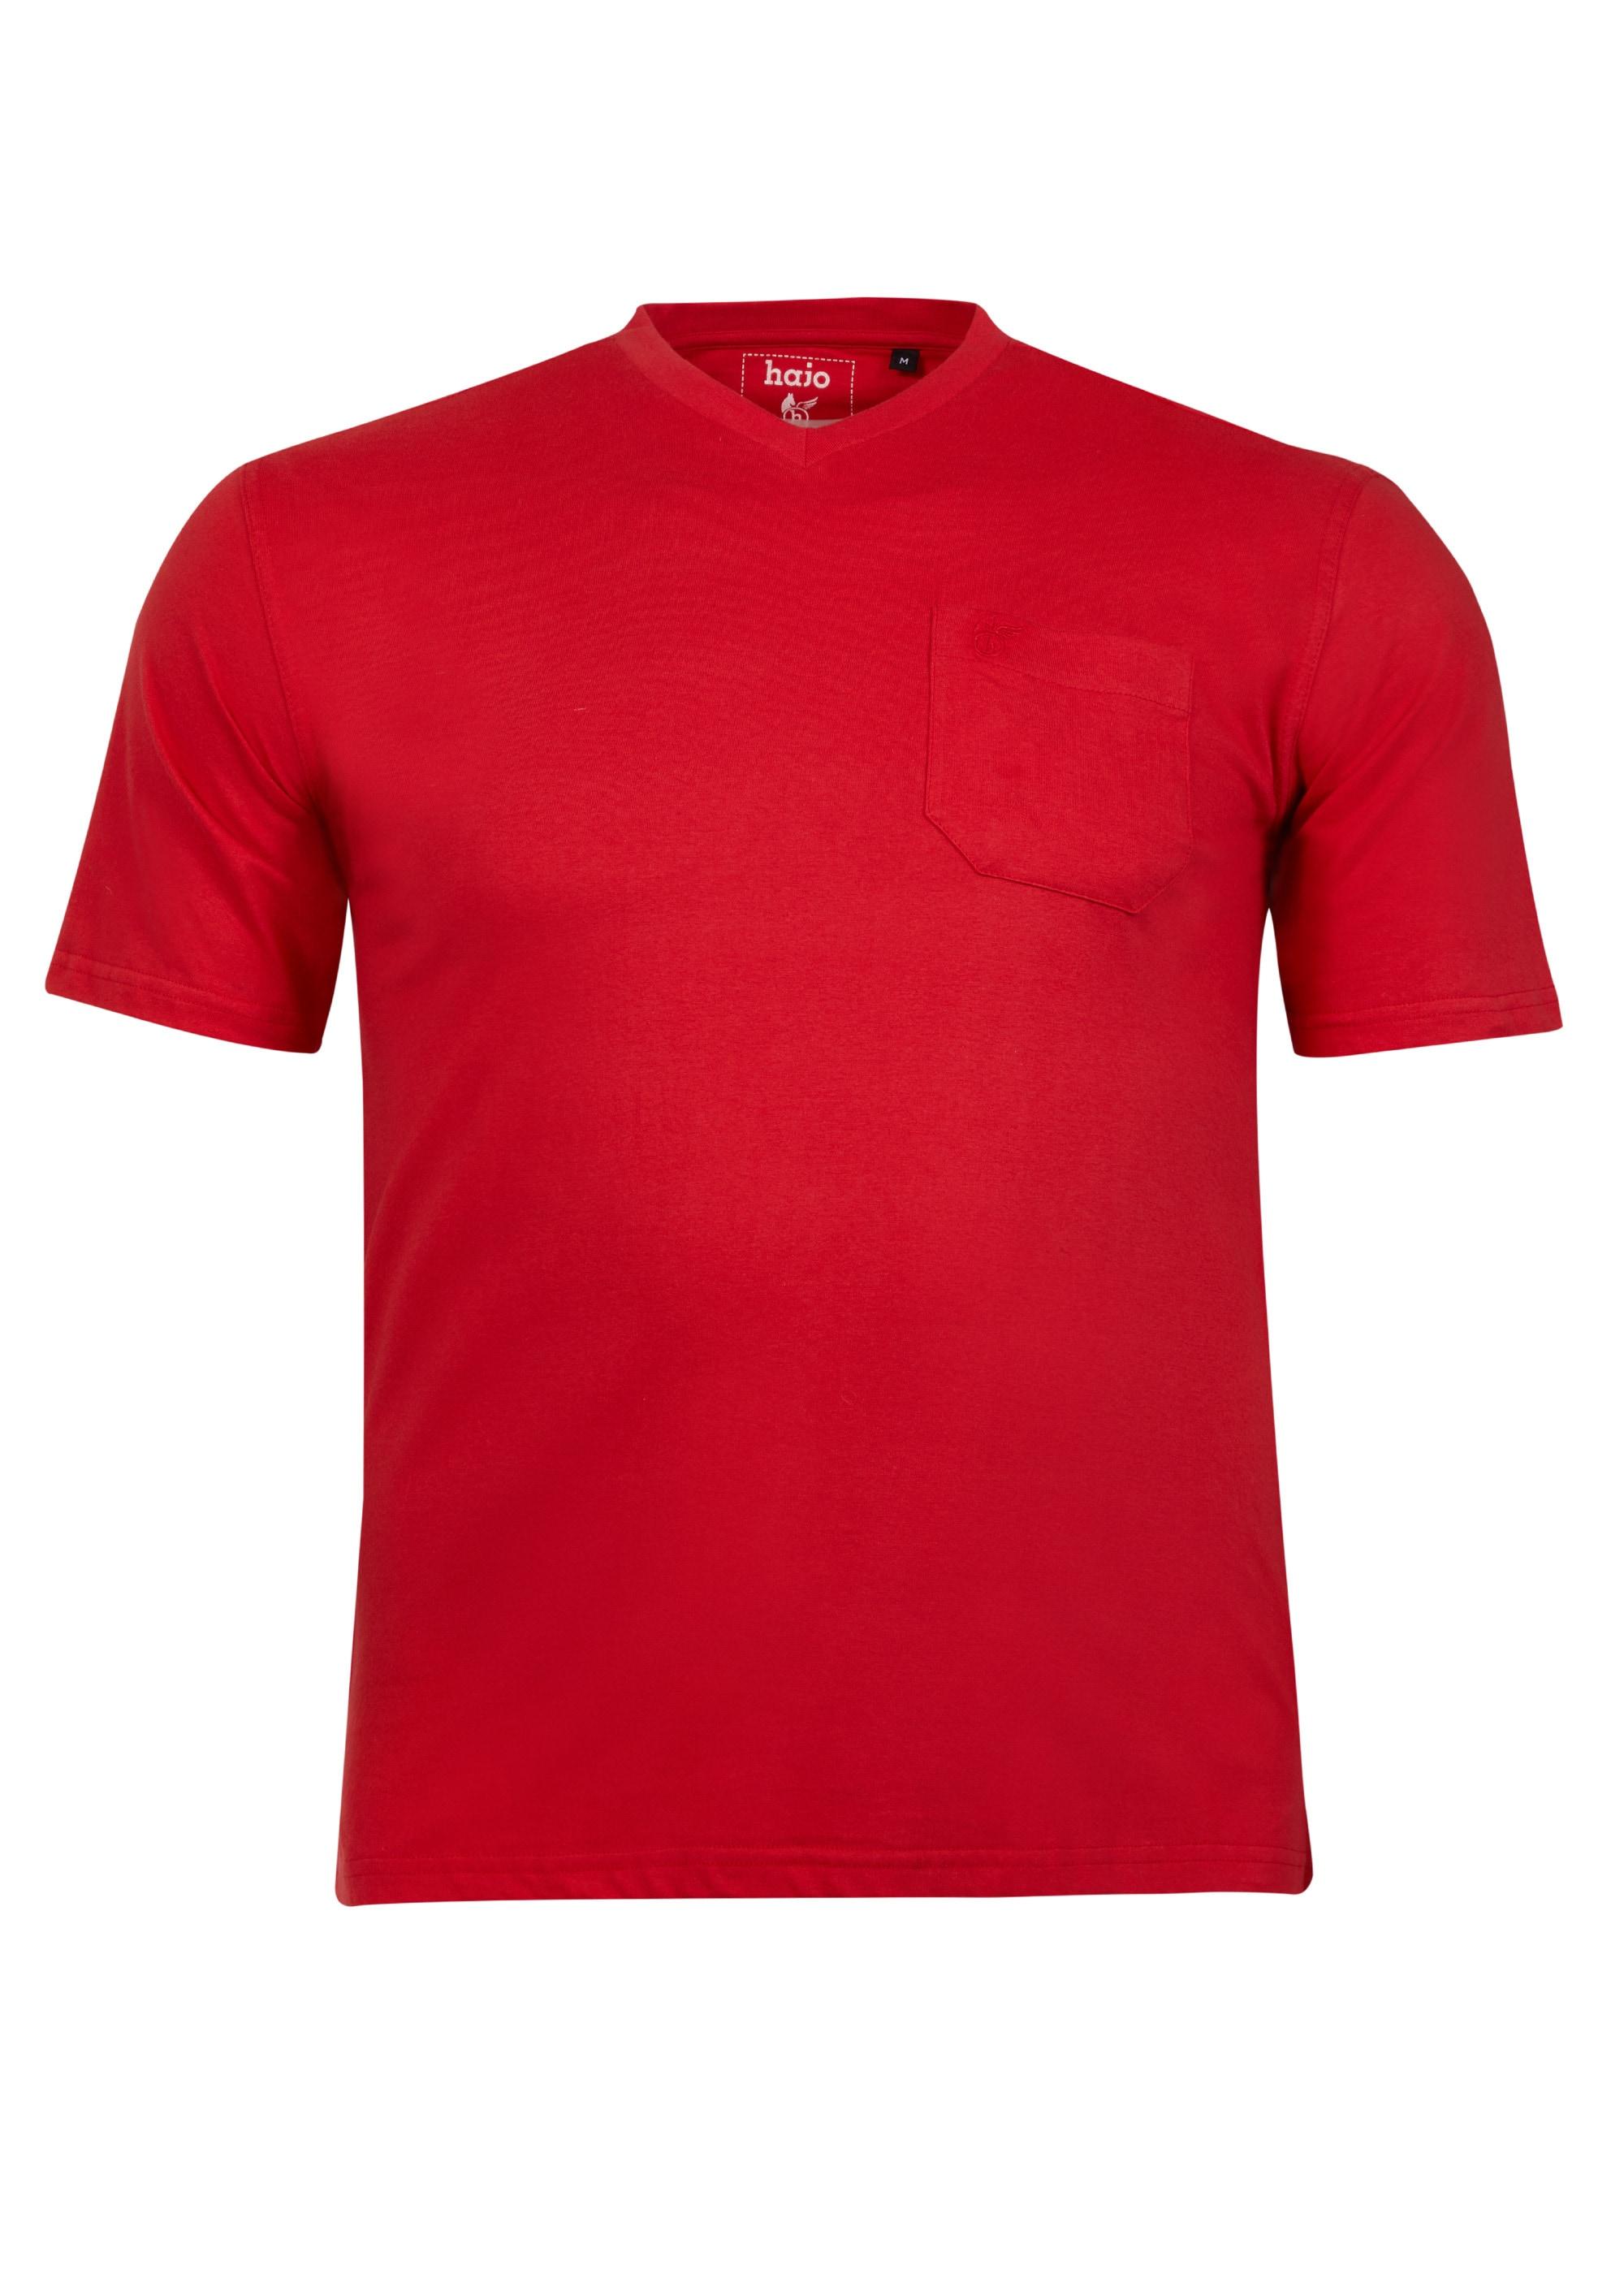 hajo -  V-Shirt, mit V-Ausschnitt